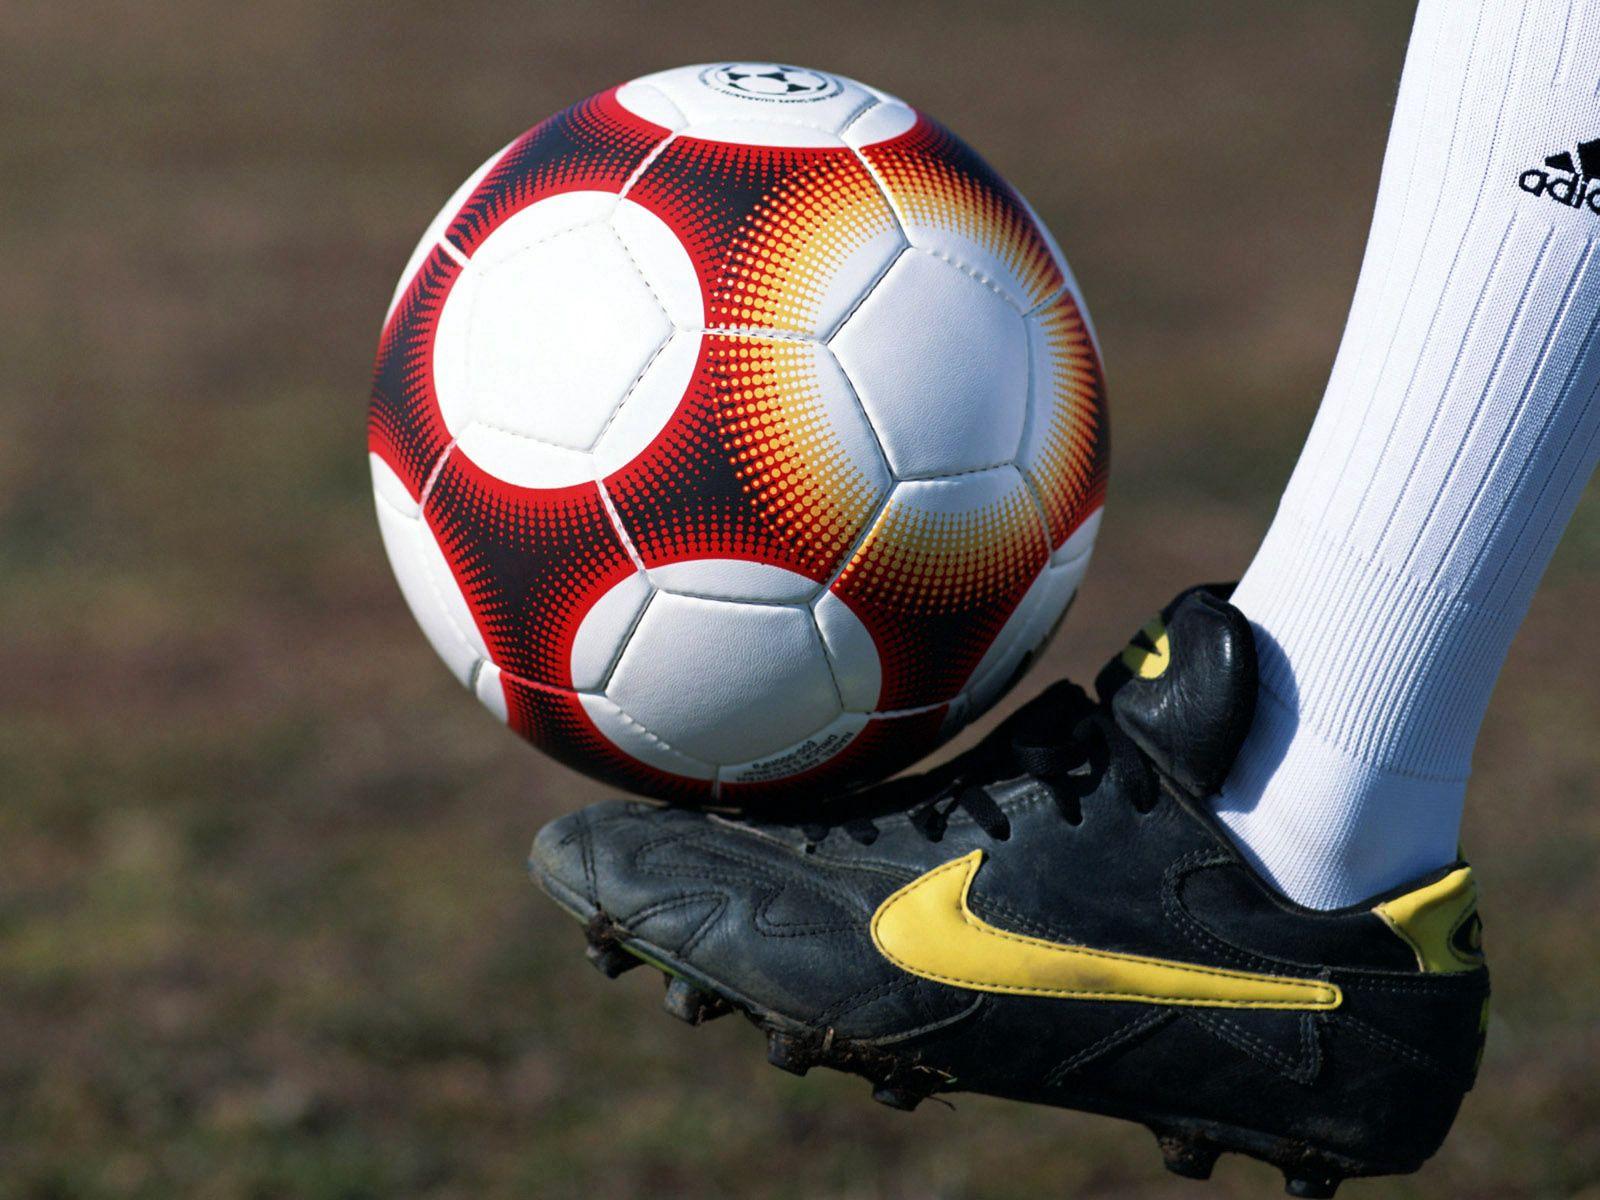 126857 скачать обои Спорт, Мяч, Нога, Футбол, Бутсы, Поле - заставки и картинки бесплатно